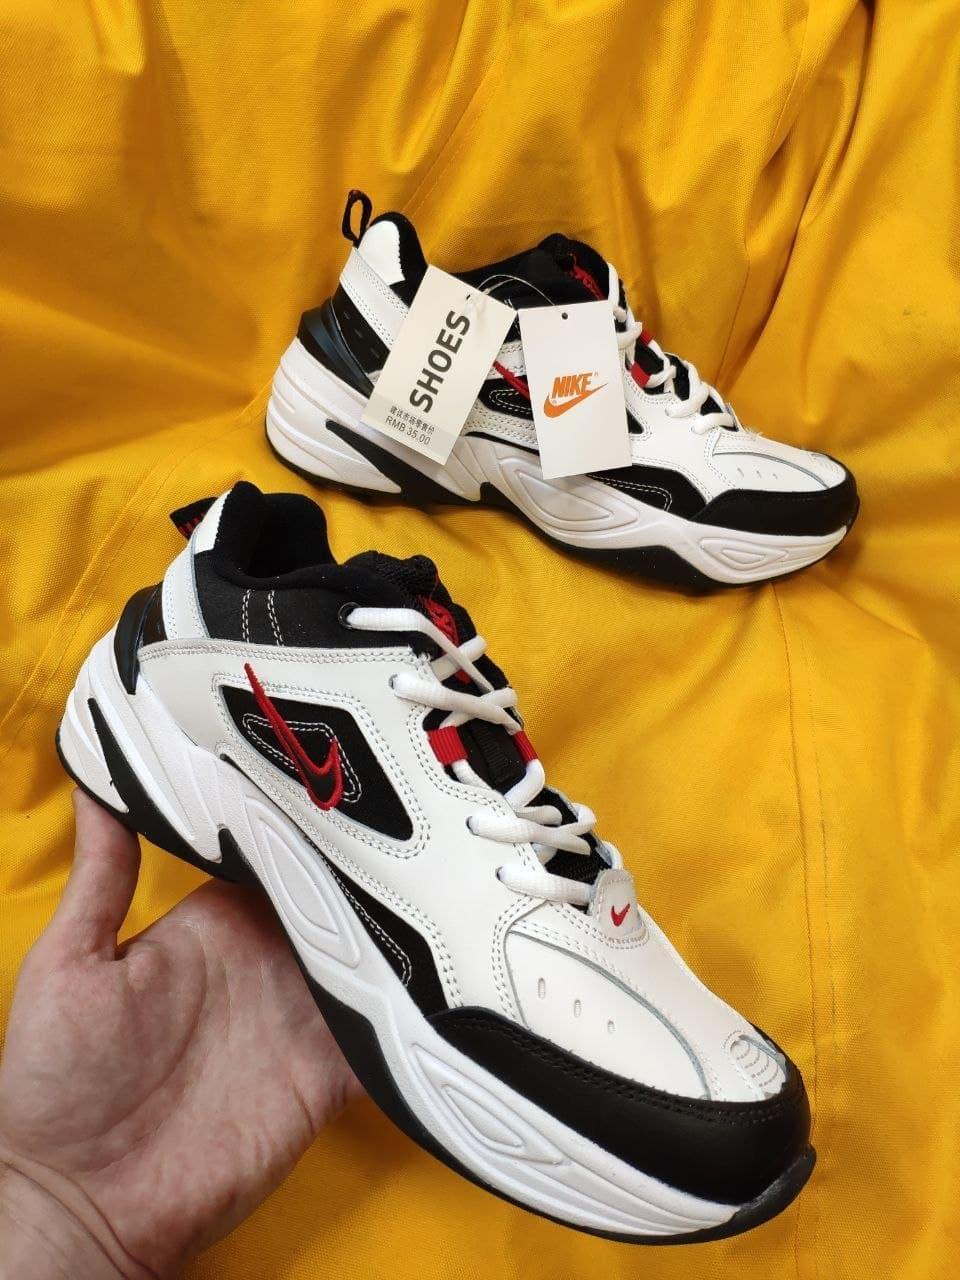 Мужские кроссовки Nike M2 Tekno (бело-черно-красные) модная весенняя обувь из кожи D93